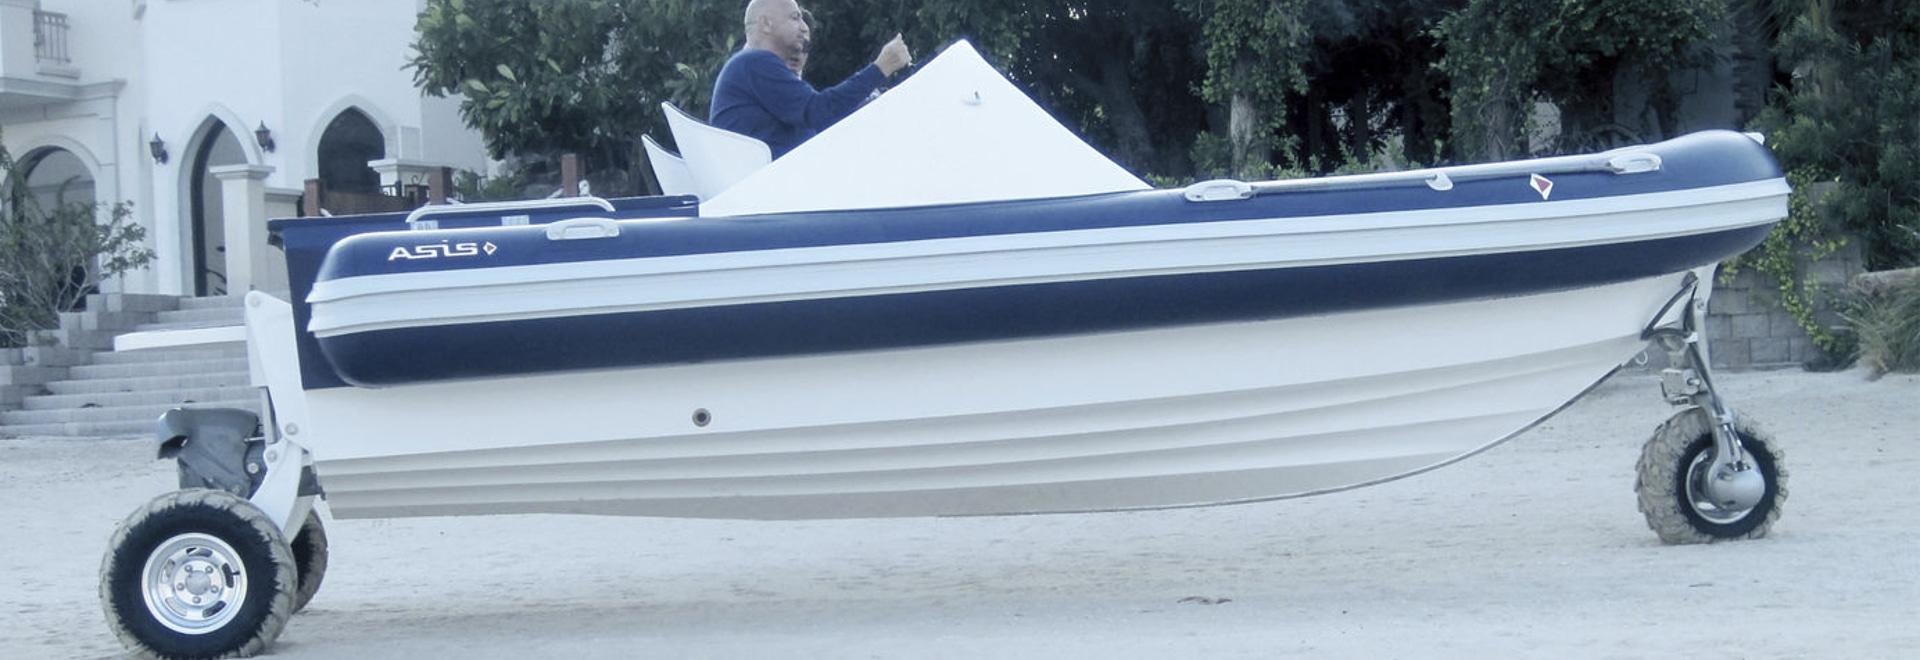 Gama anfibia de Asis Boats